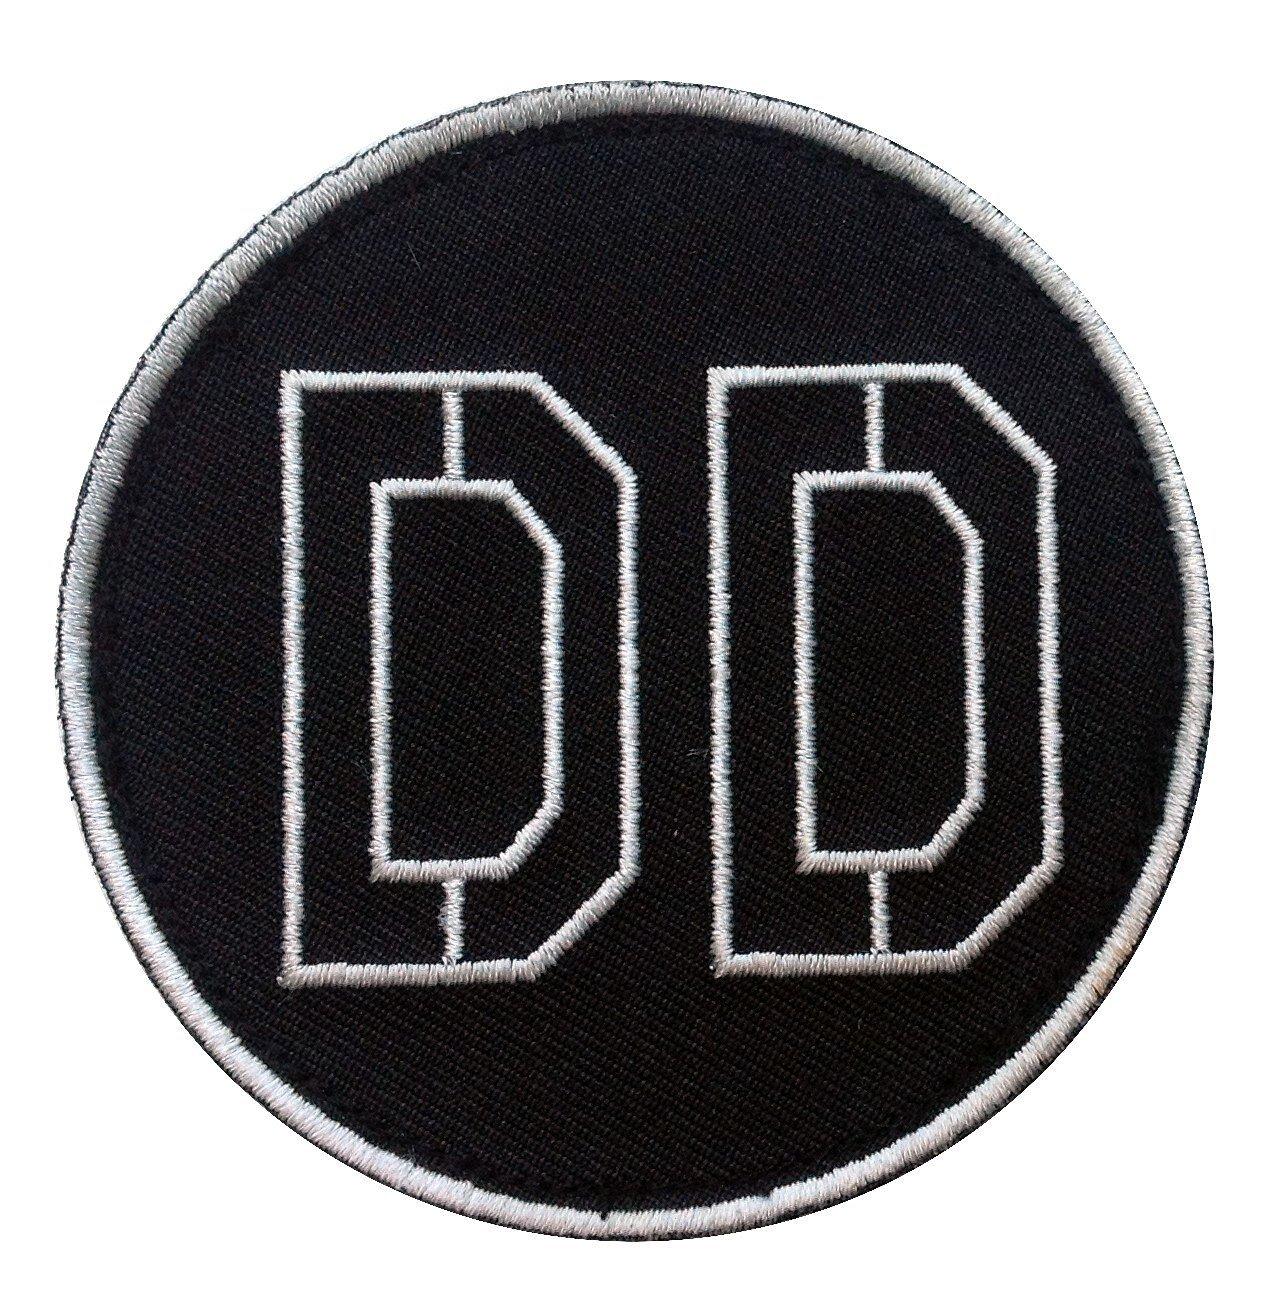 DD Diamond Dogs Metal Gear Shoulder Iron On Patch Taktisch Aufn/äher Aufb/ügler Von Titan One Europe